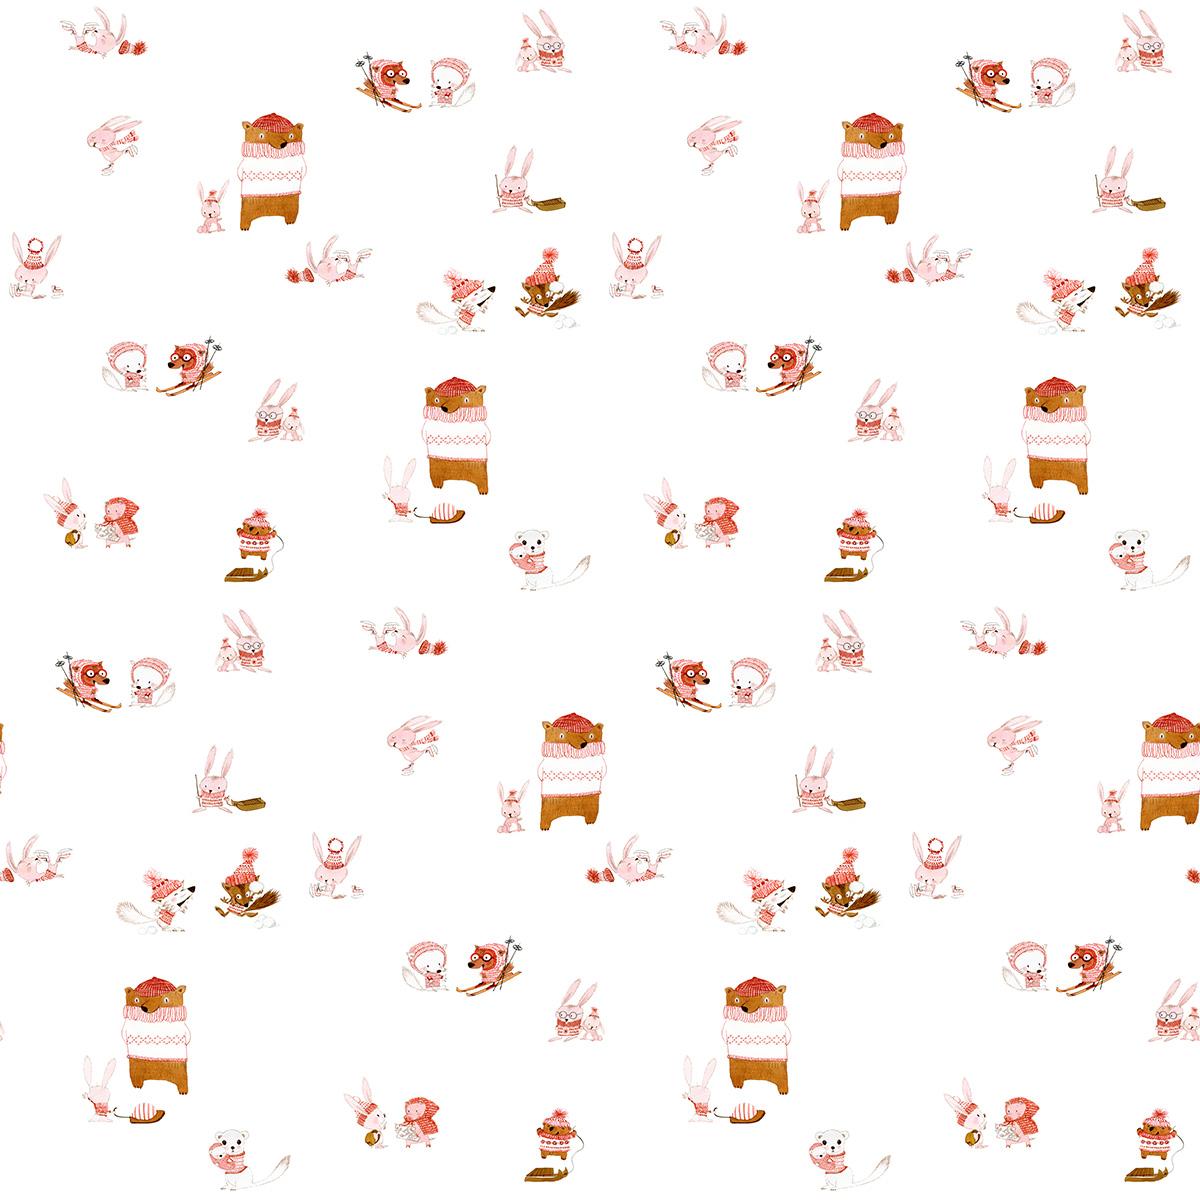 Resultado de imagen para winter pattern